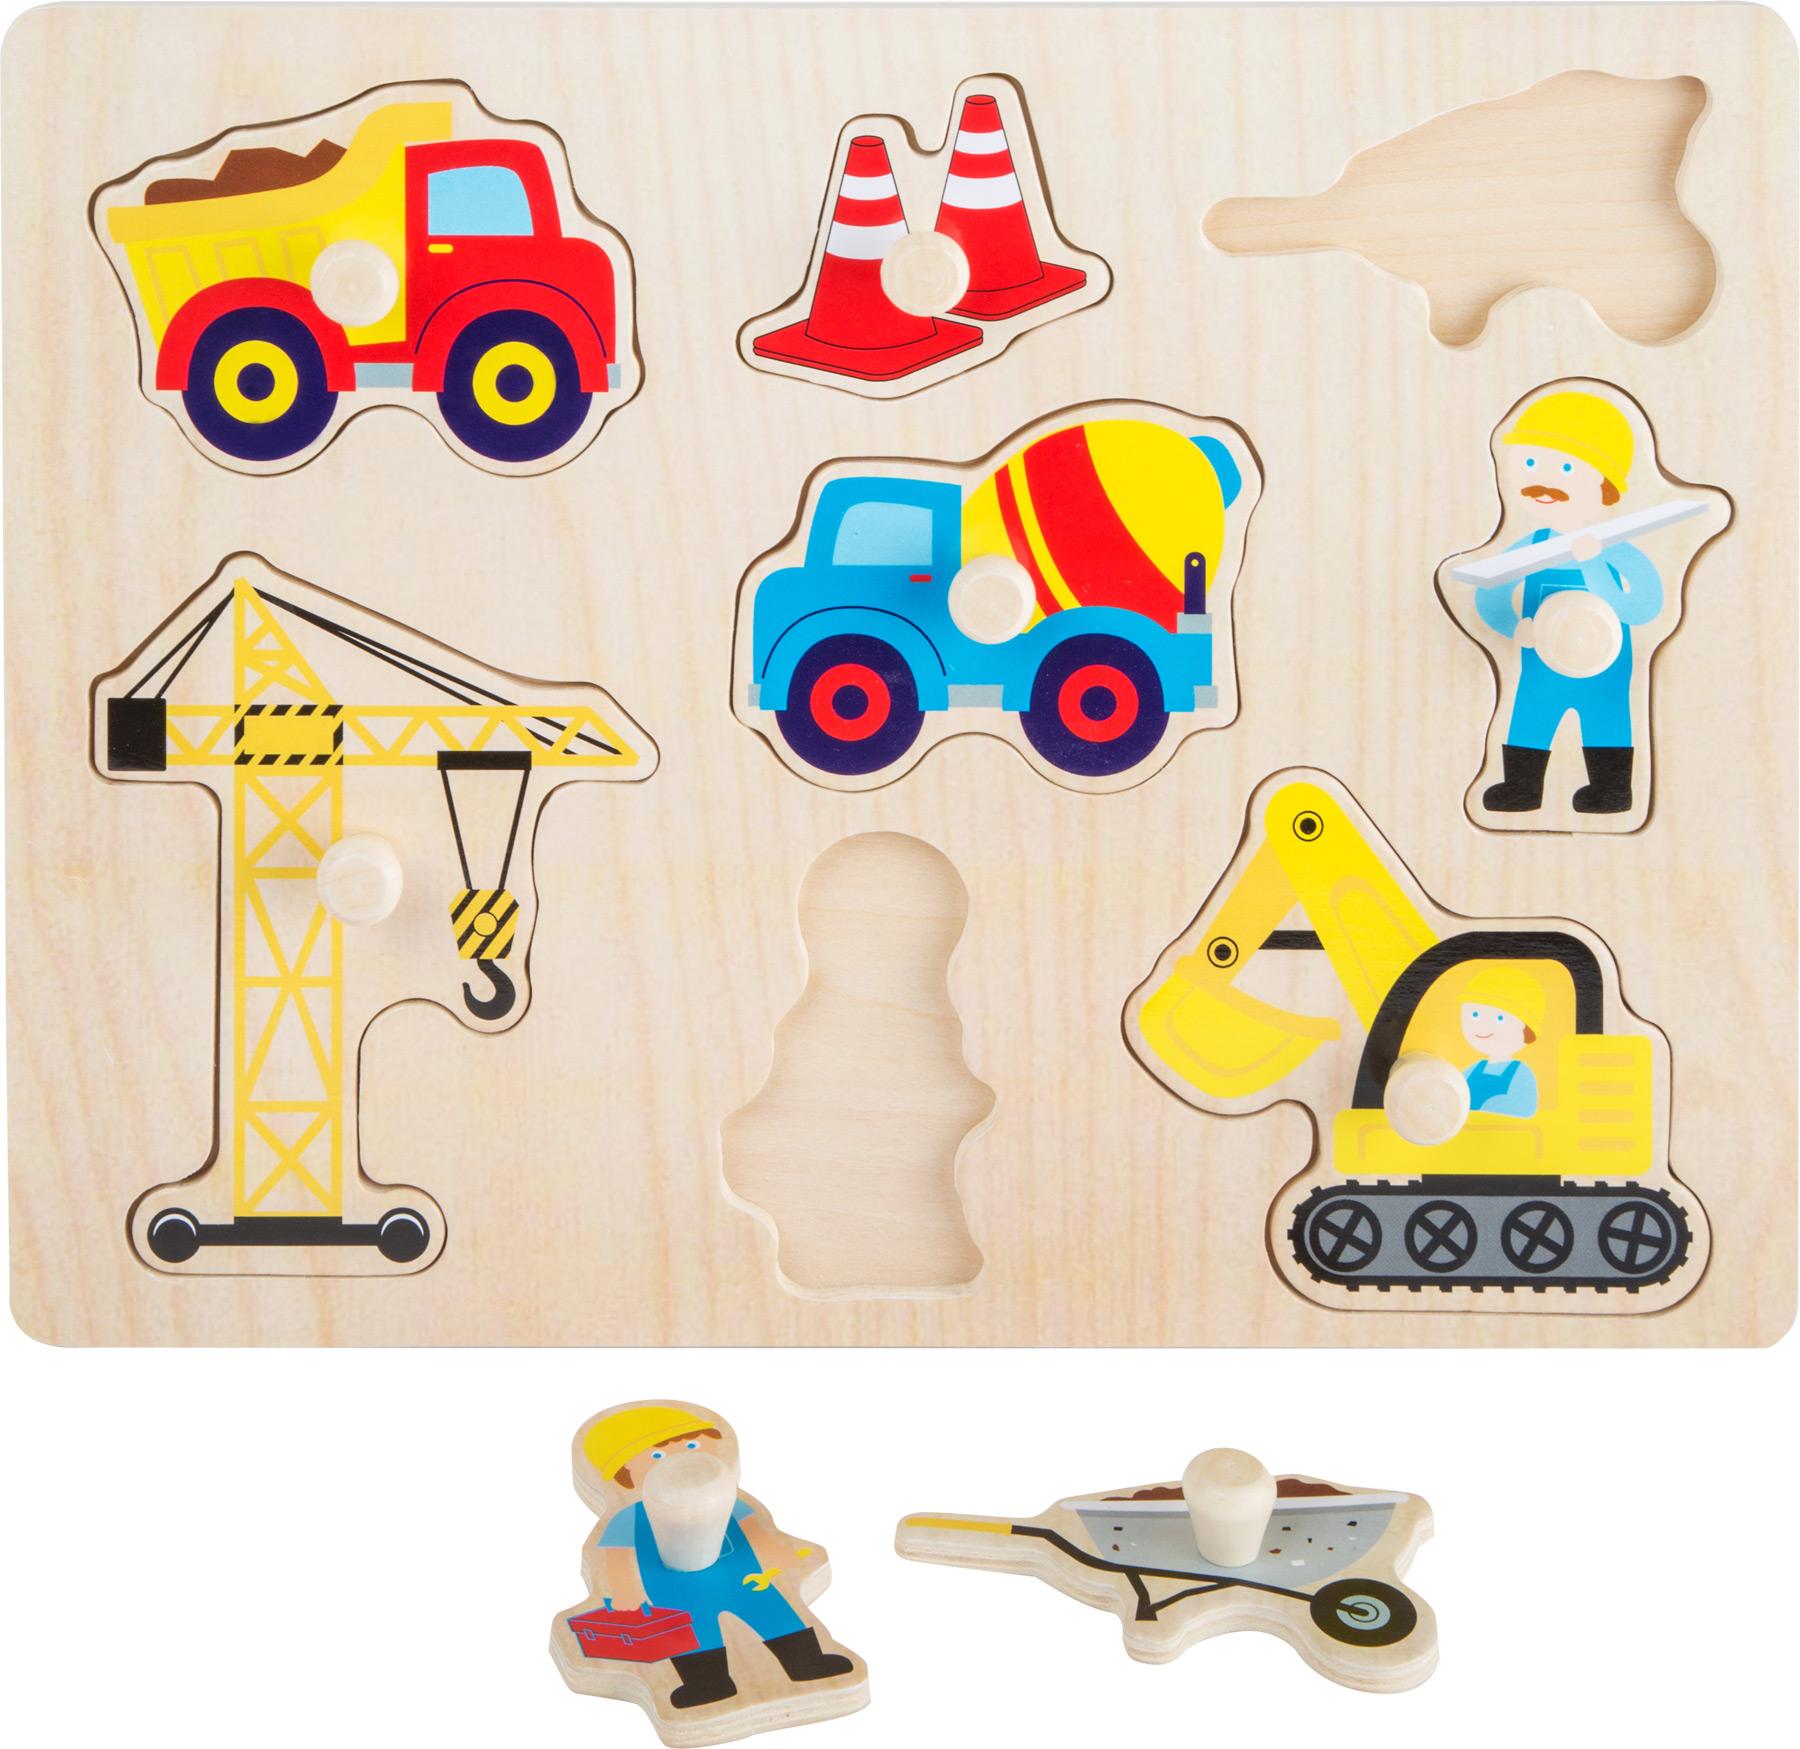 Dřevěná vkládačka - Dřevěné puzzle - Staveniště